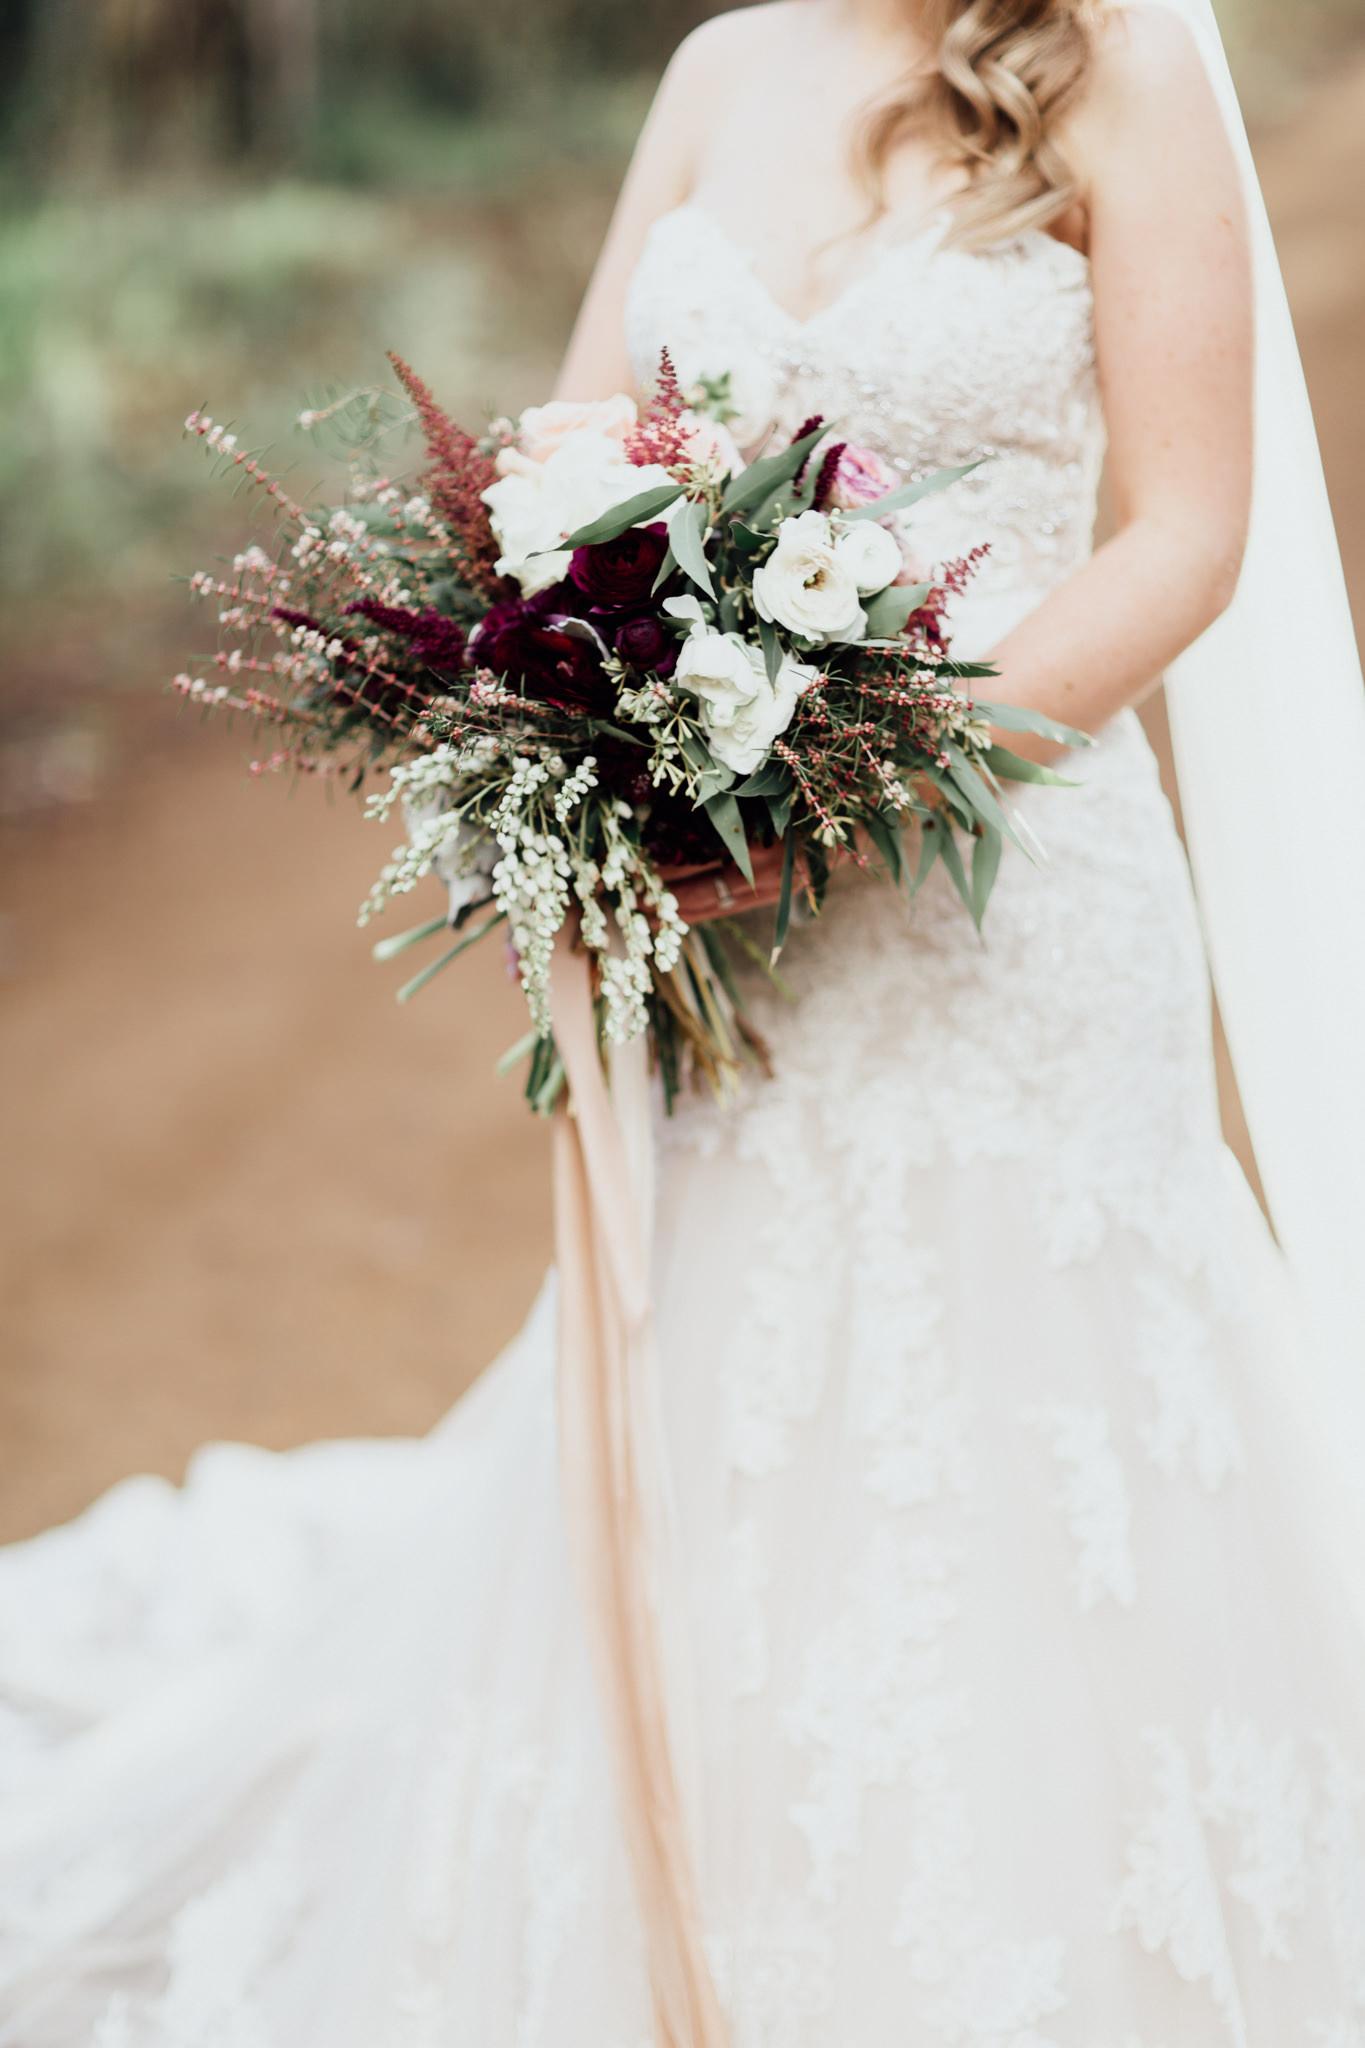 WeddingPhotos_Facebook_2048pixels-1082.jpg